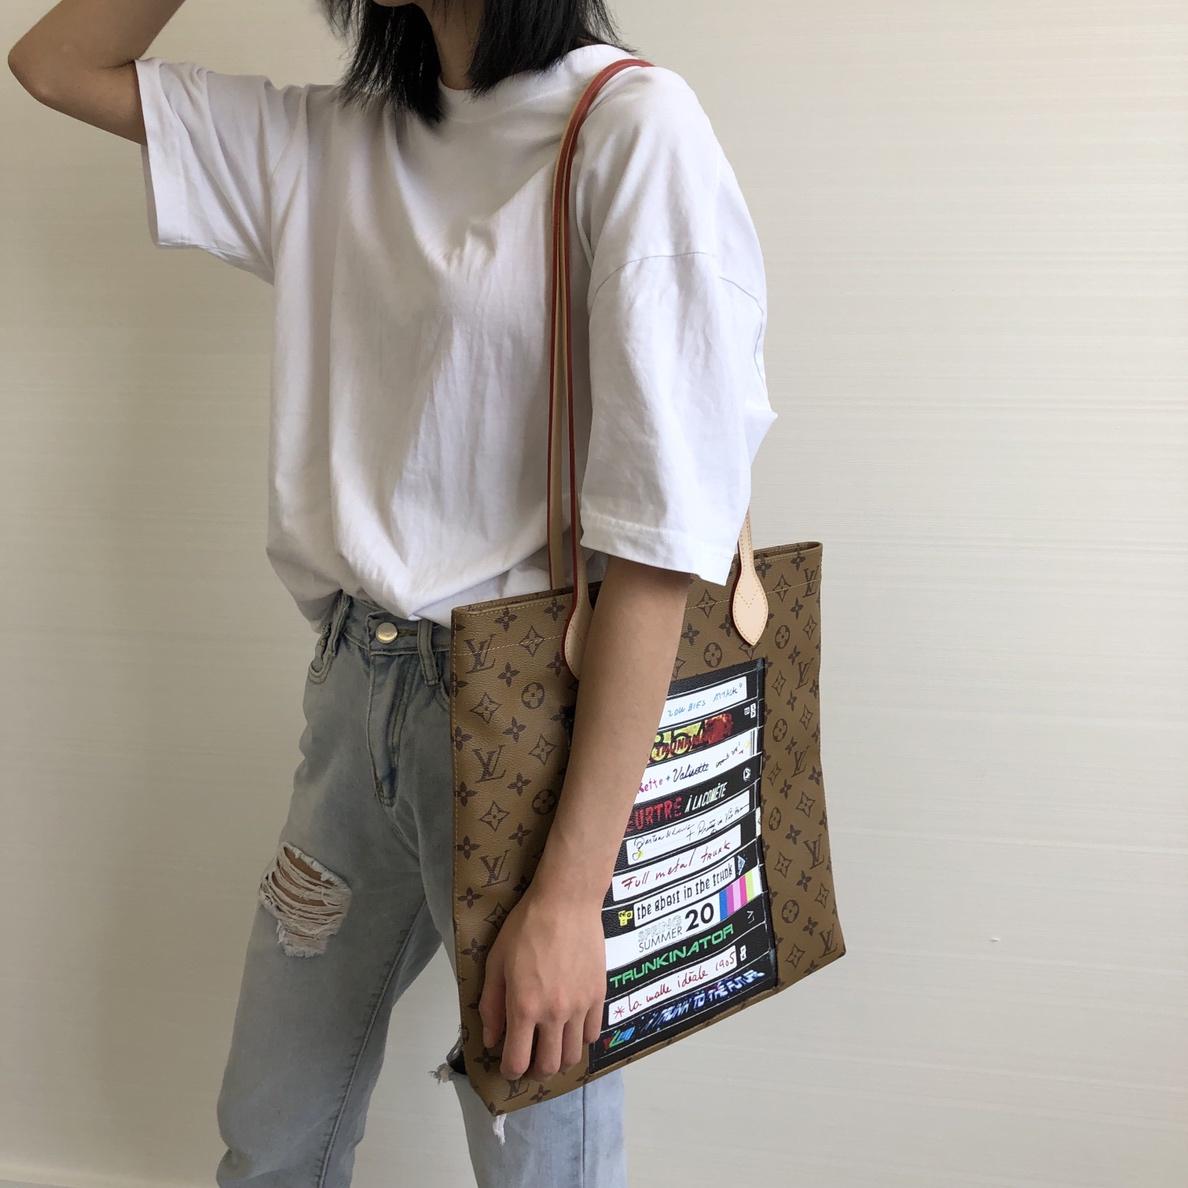 LVss2020年春夏新款 Tote磁带元素肩背包50136 包型实用个性新潮